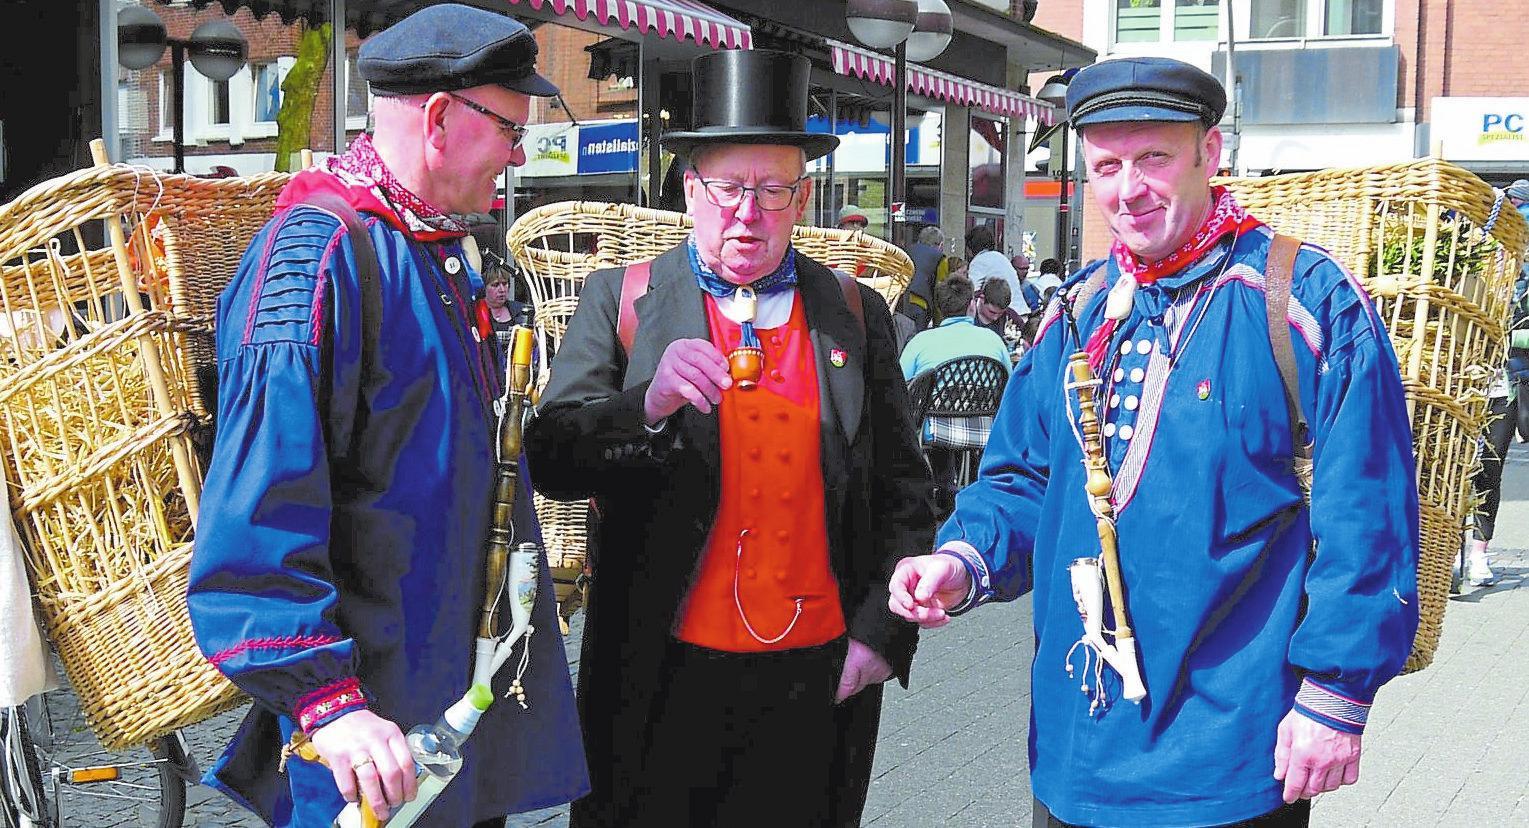 Beim Pottbäckermarkt bleibt auch eine alte Kiepenkerl-Tradition besonders lebendig: Es werden Neuigkeiten weitergereicht.